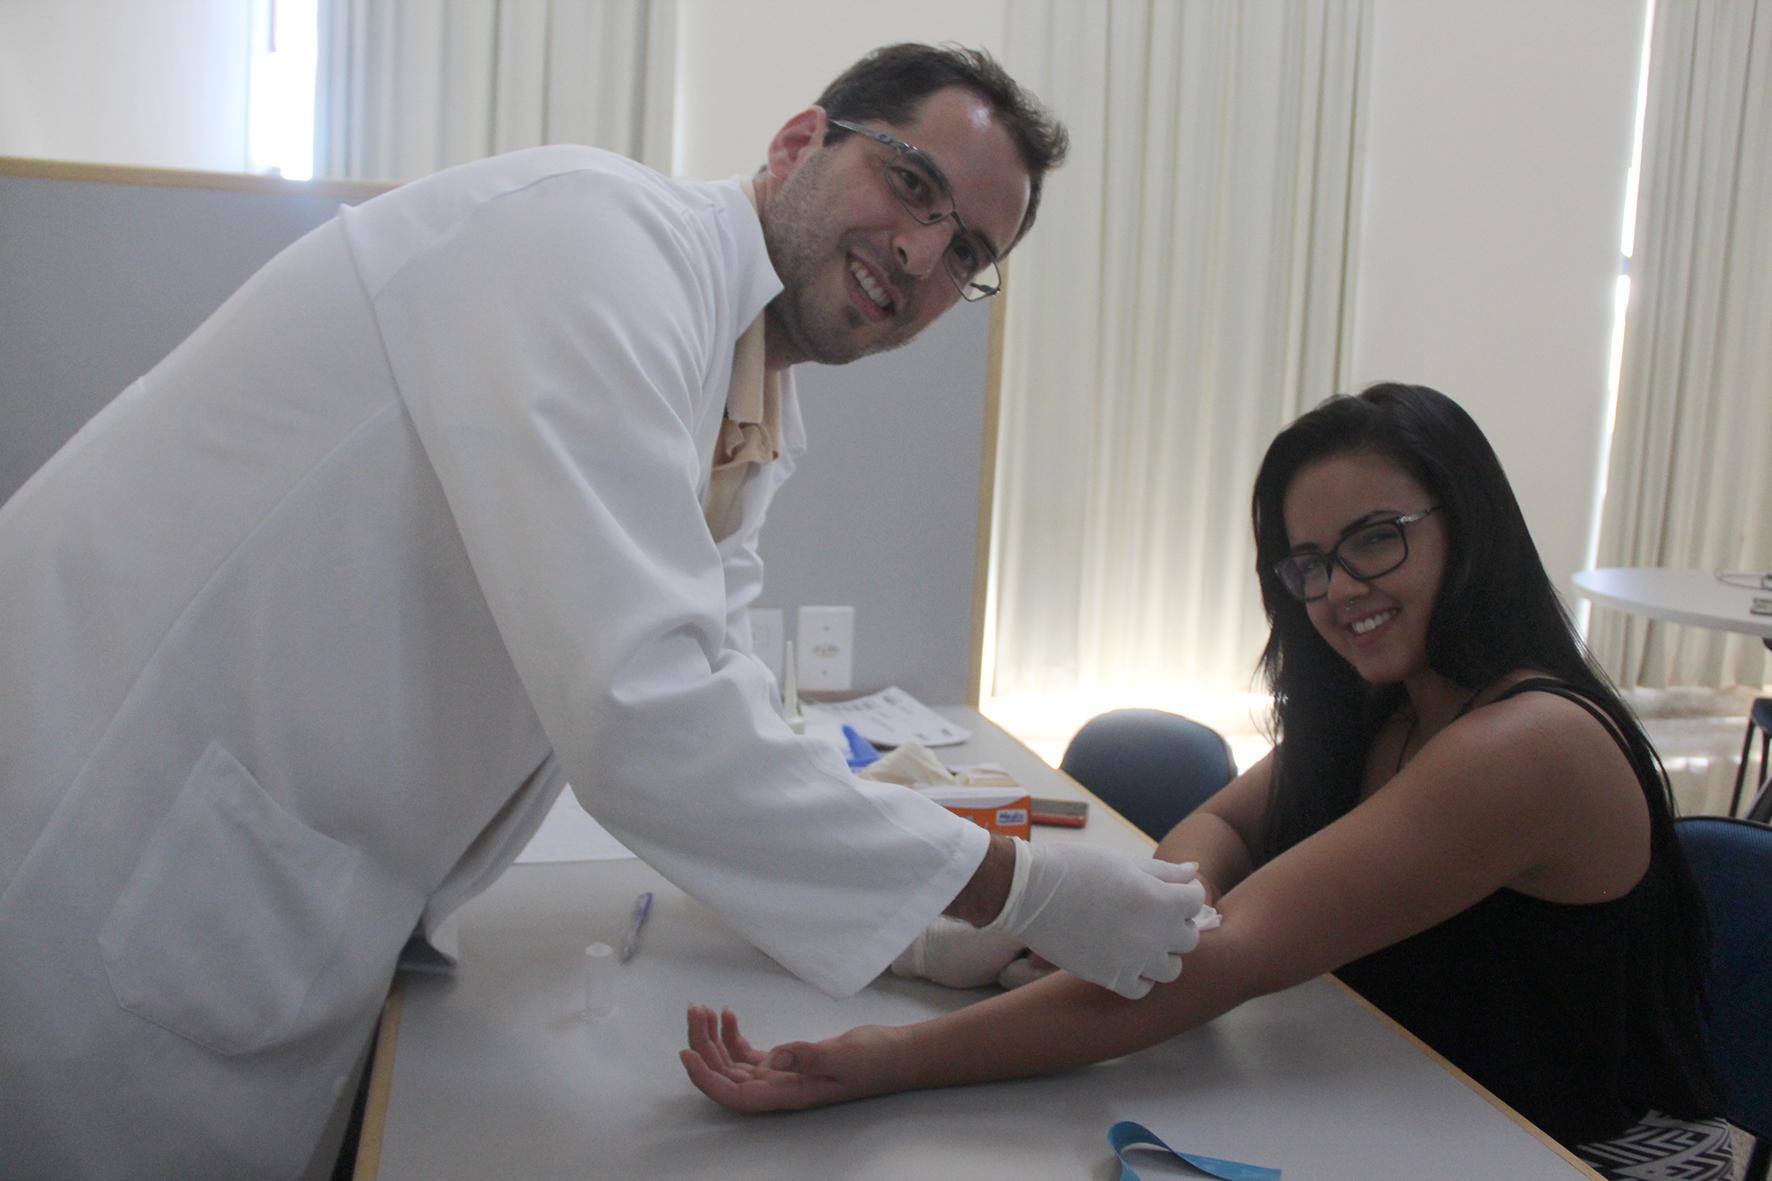 Campanha de doação de medula óssea recebe mais de 100 cadastros no Moura Lacerda